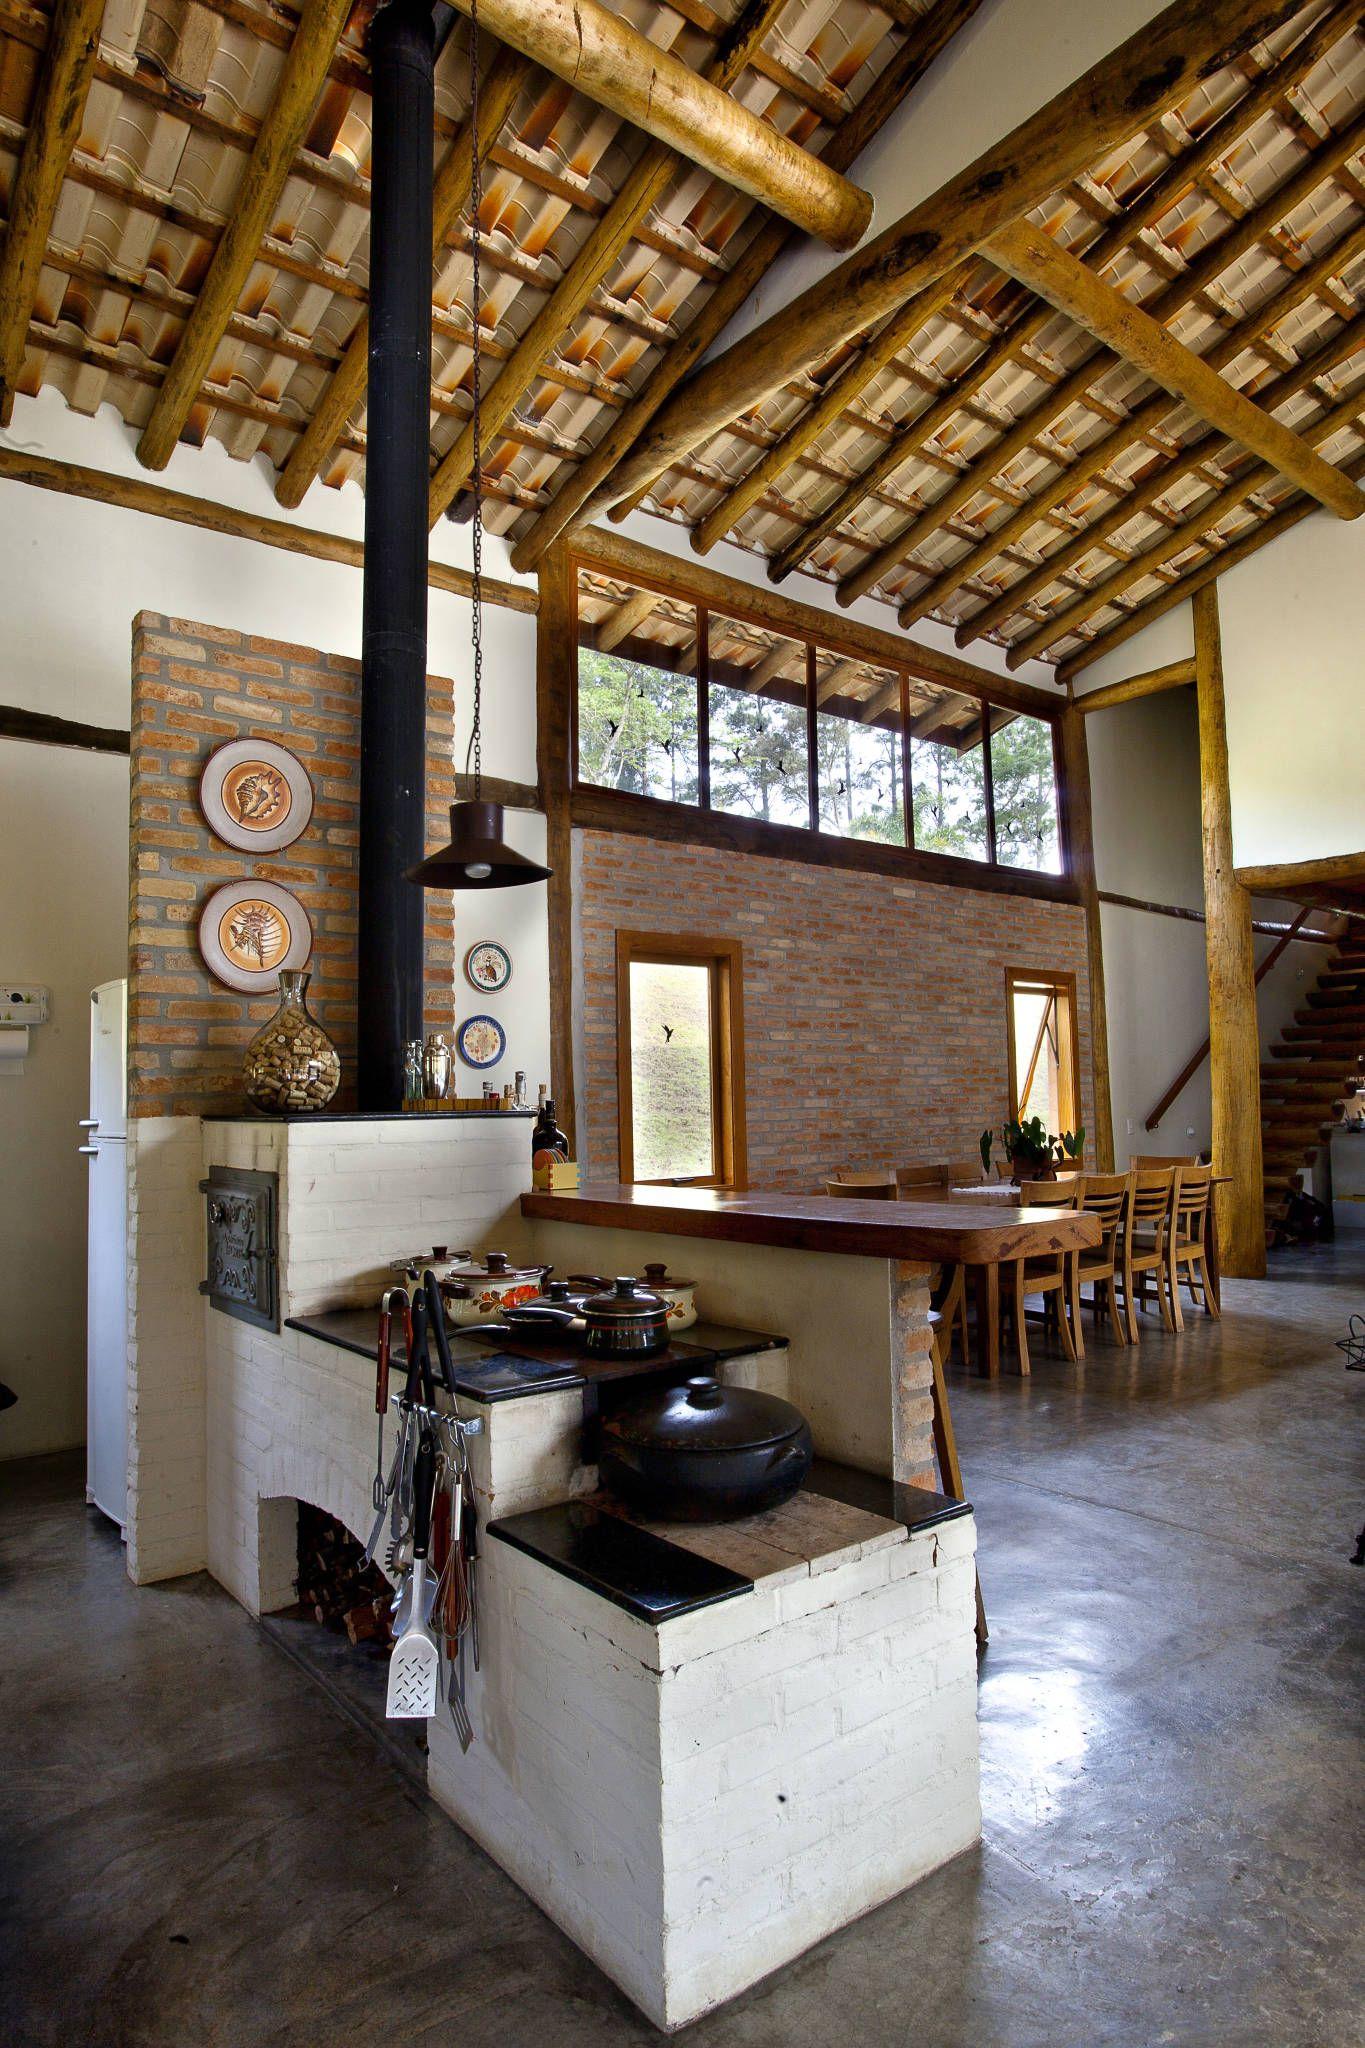 Fotos de casas rsticas so loureno da serrasp  So loureno Casas rsticas e Design de